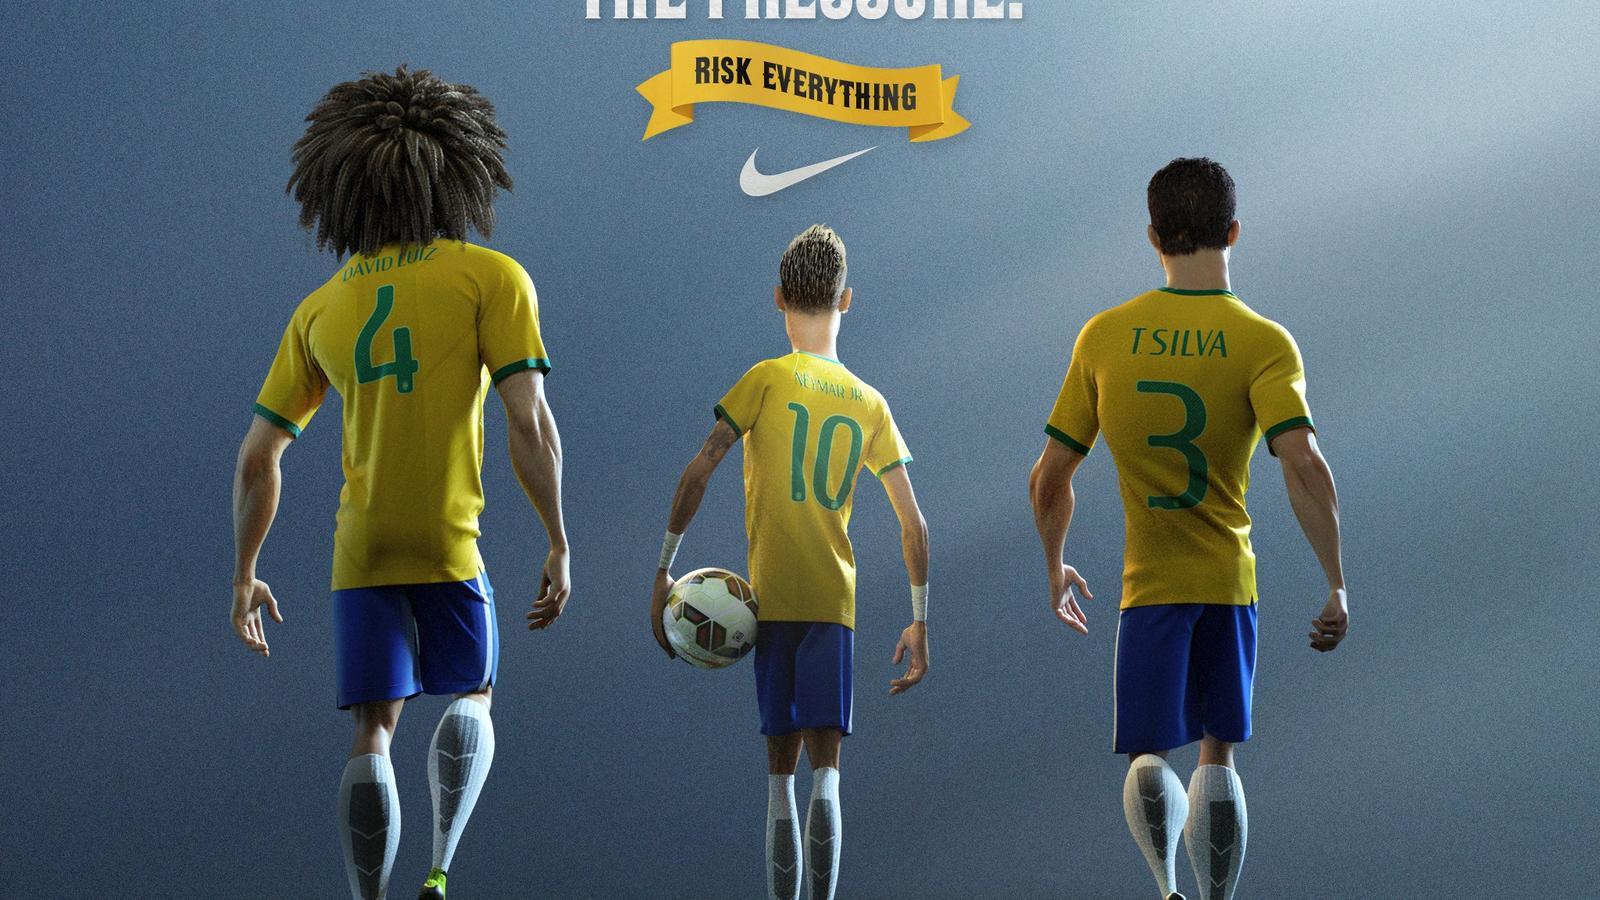 David Luiz, Neymar Jr. & Thiago Silva